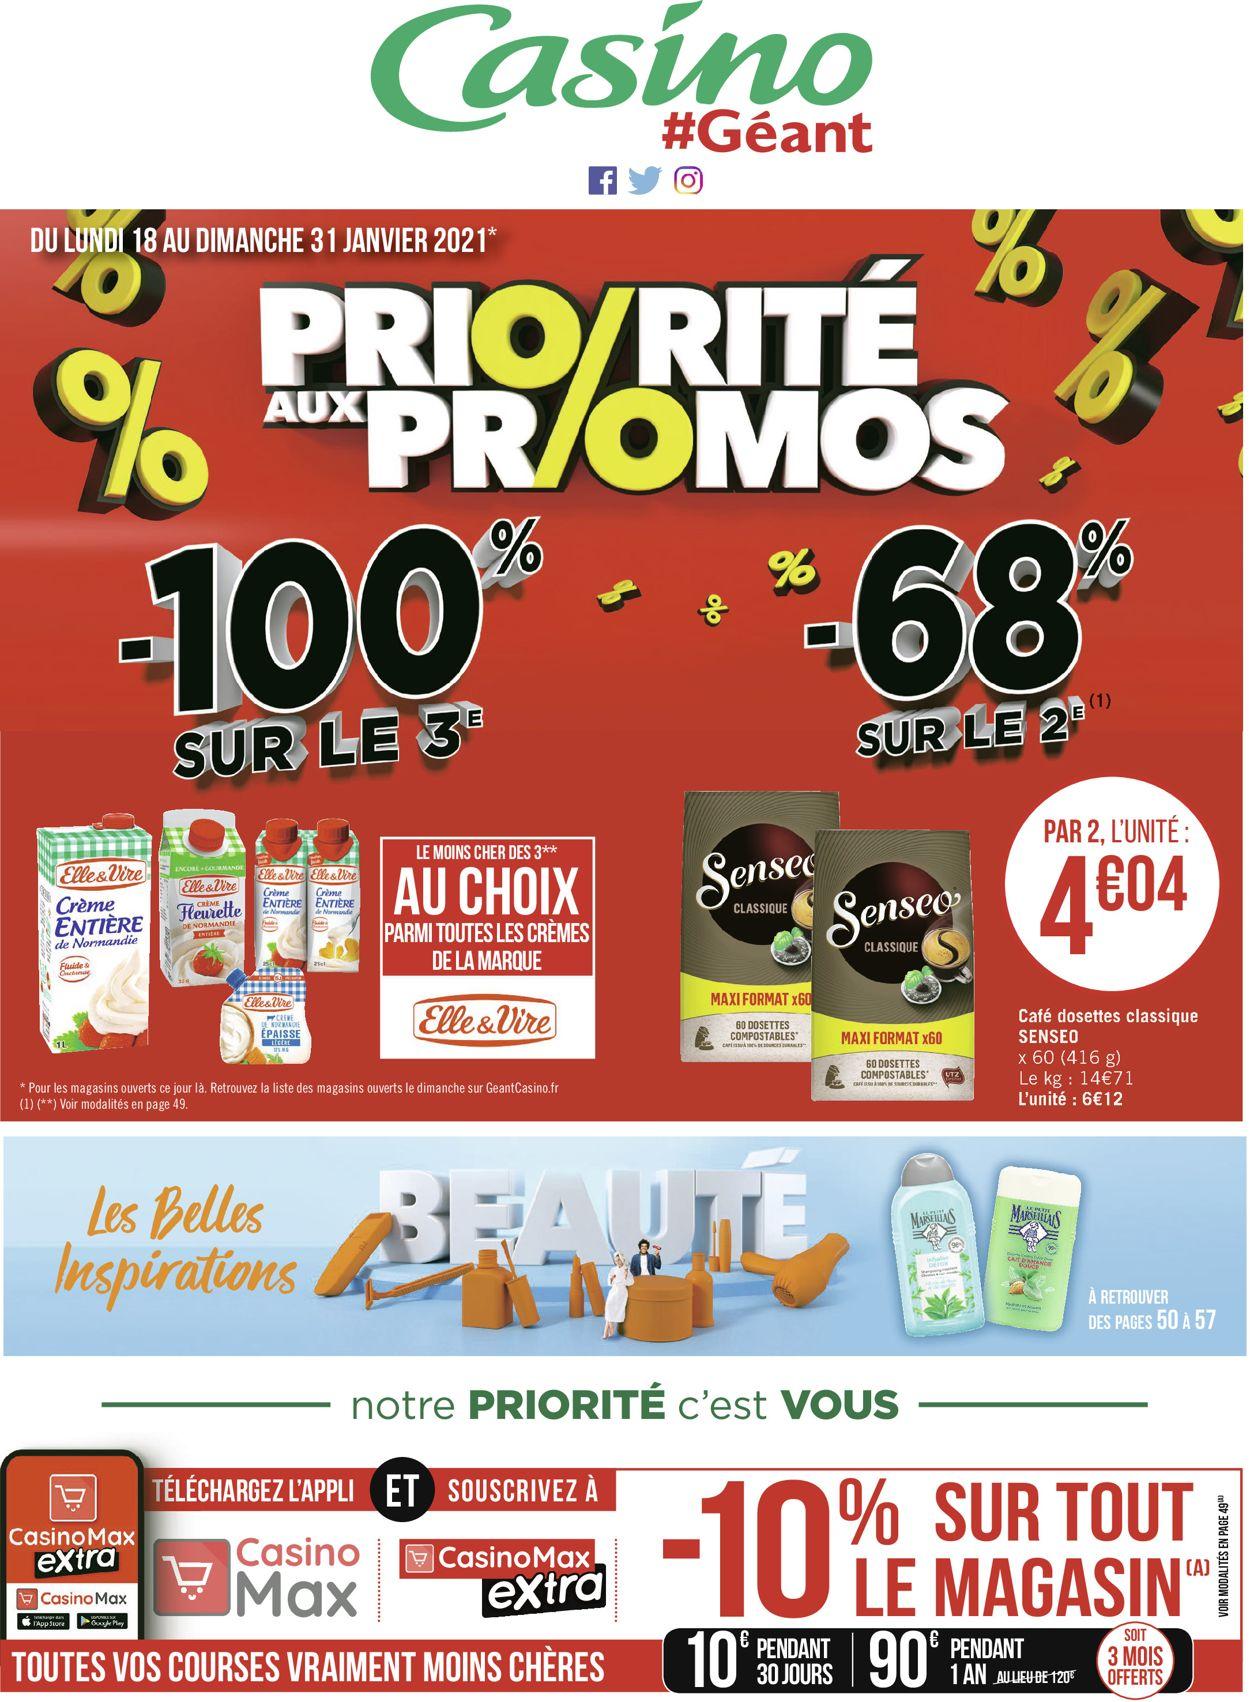 Géant Casino Priorité aux Promos 2021 Catalogue - 18.01-31.01.2021